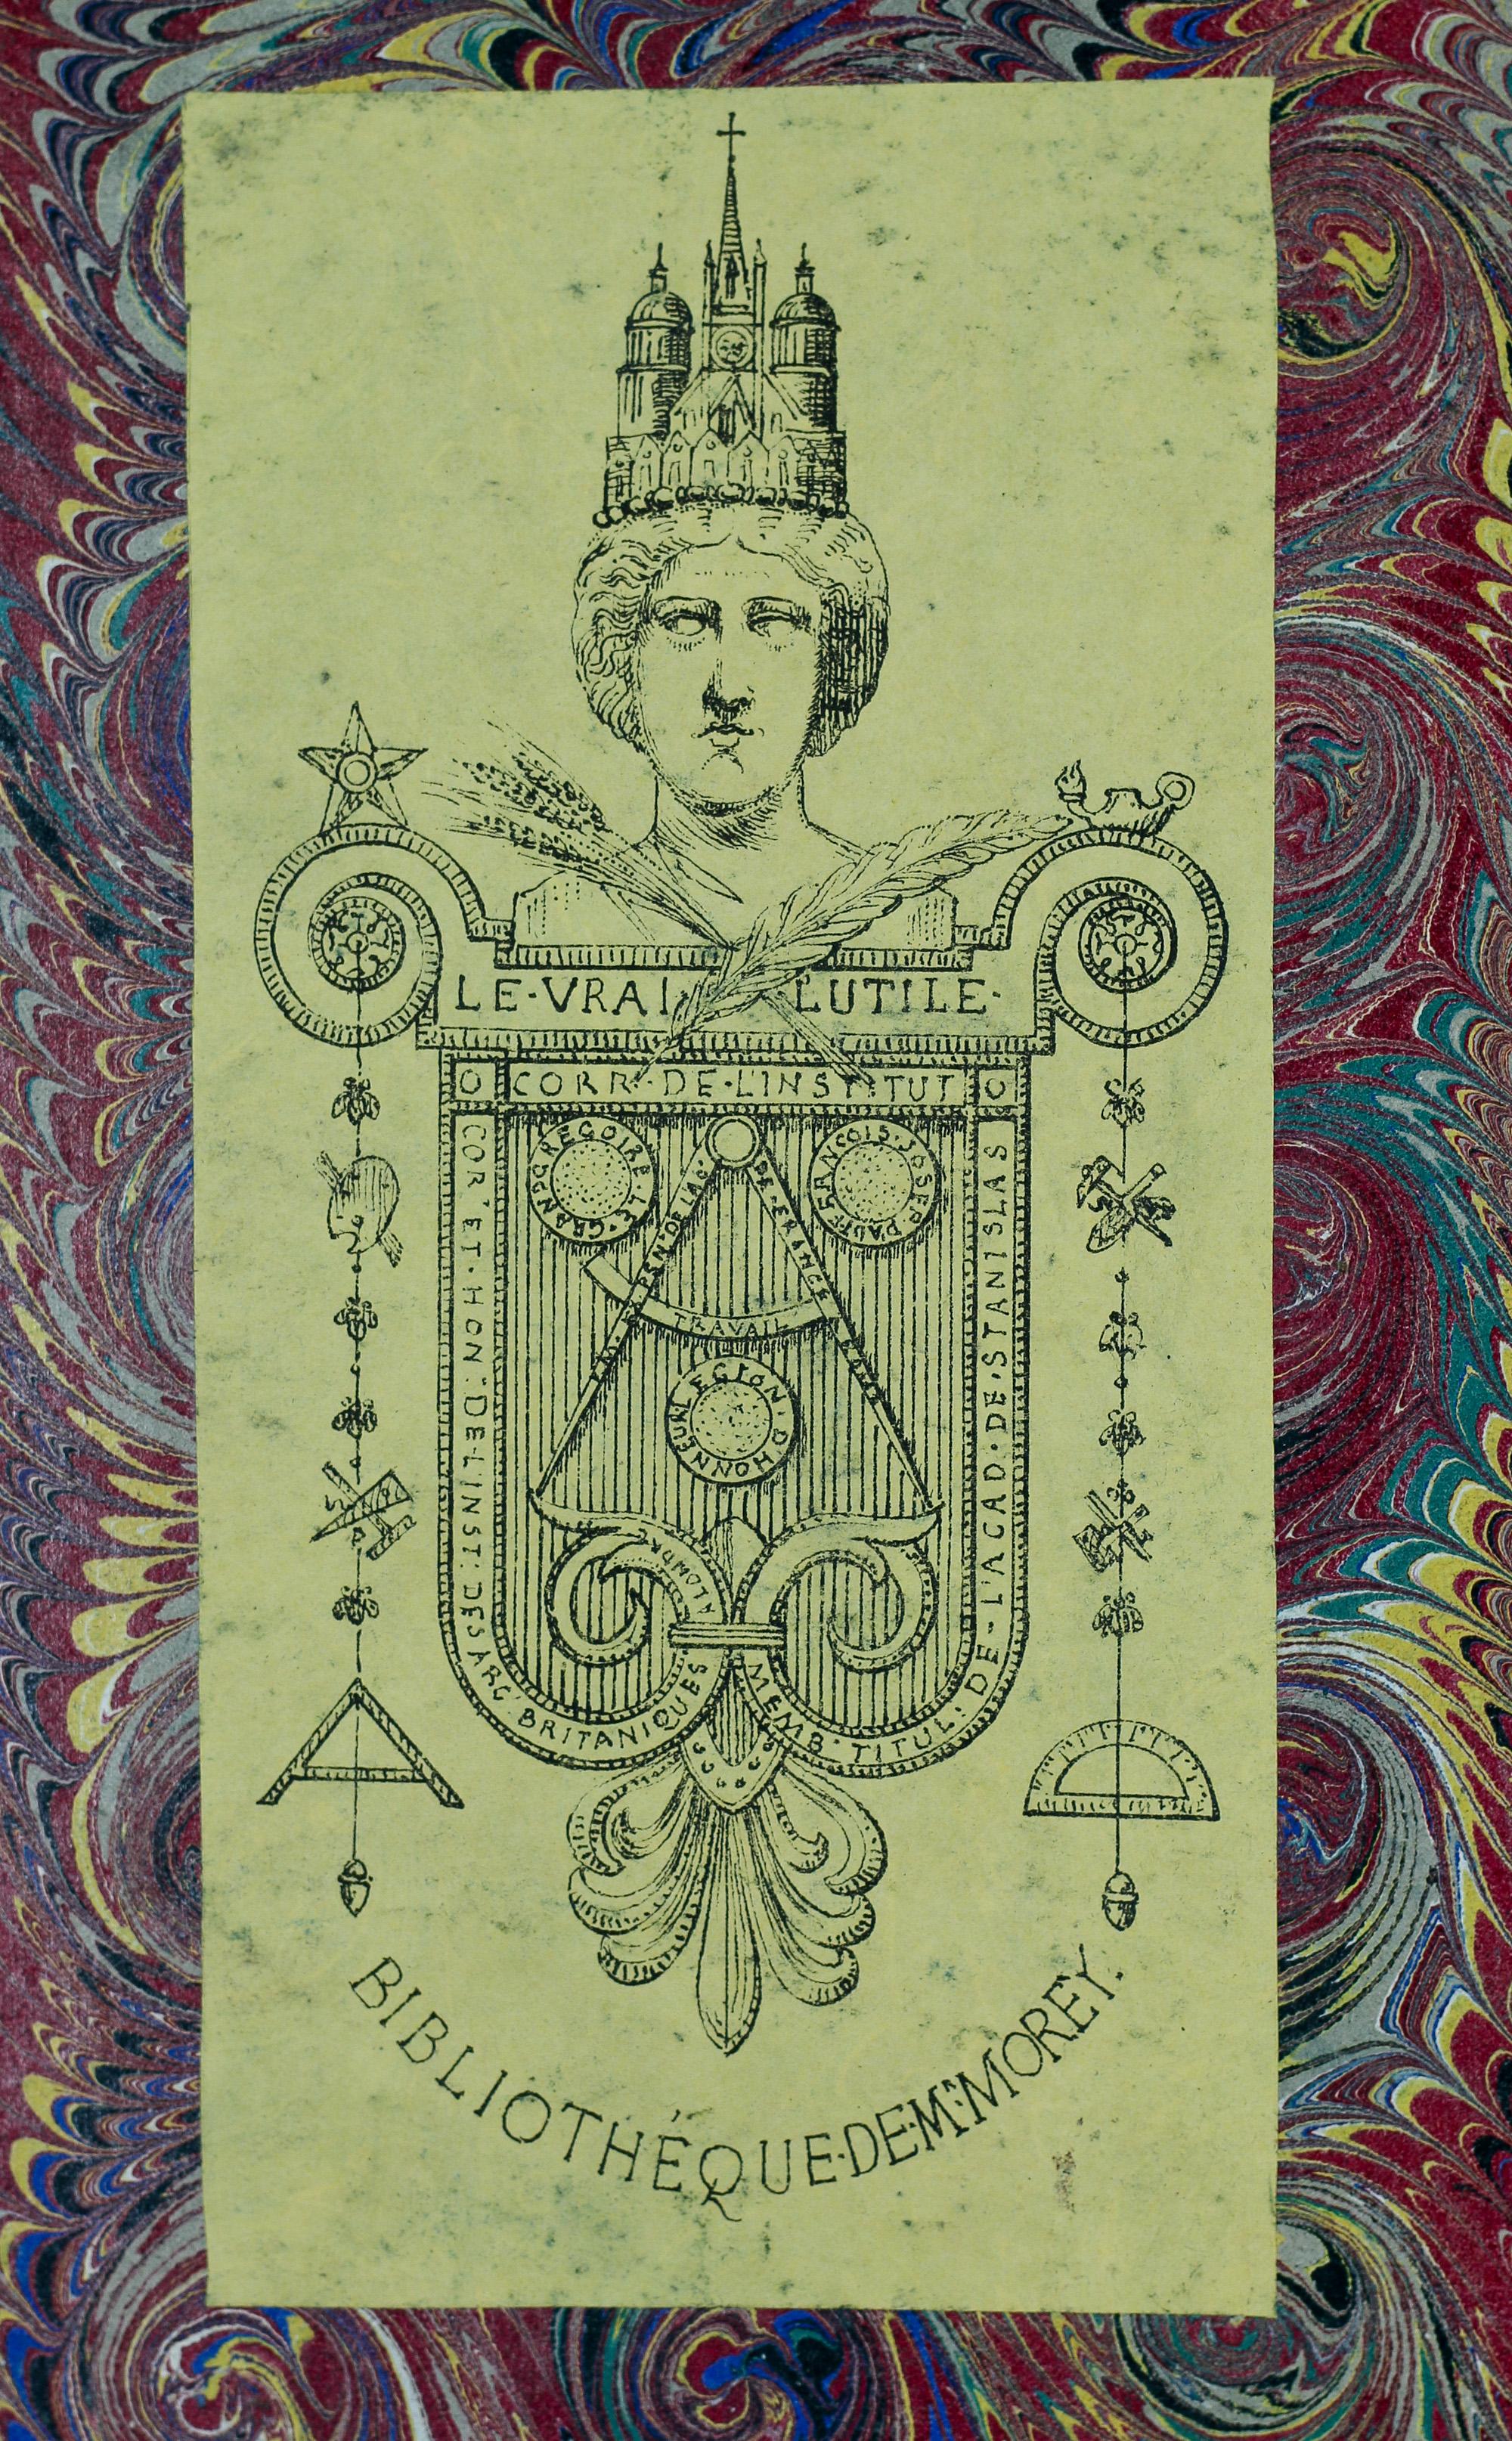 Ex-libris de Propser Moray dans Perspective contenant la théorie et pratique d'icelle, Samuel Marolois